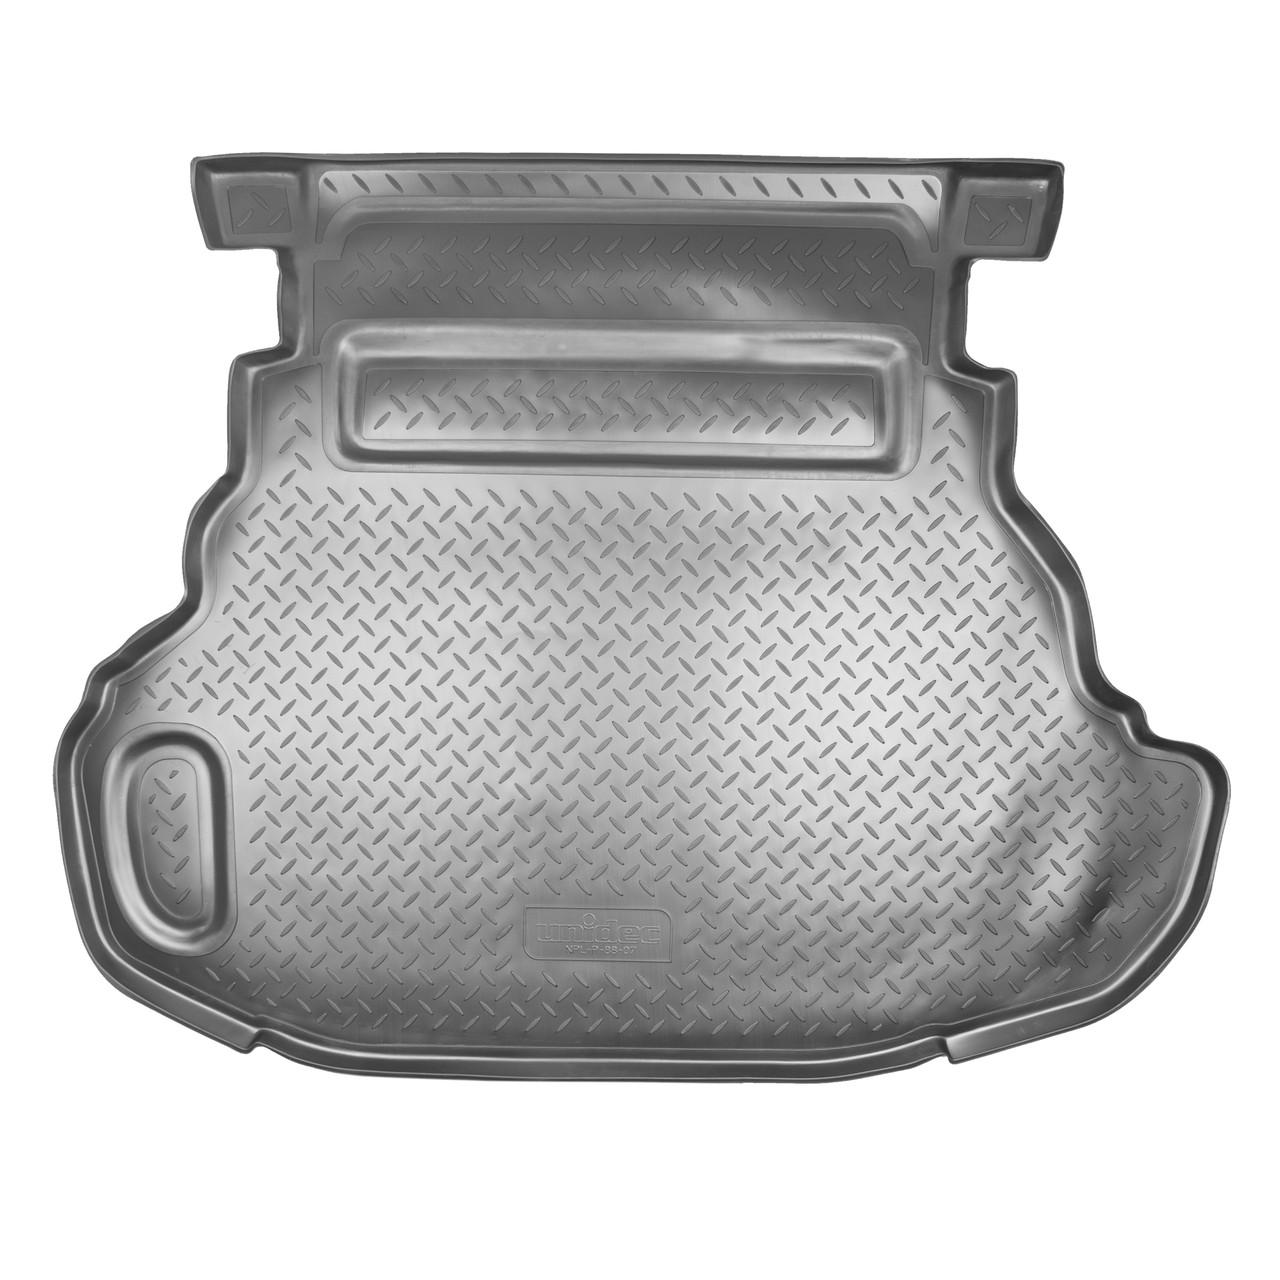 Коврик в багажник Toyota Camry 50, 55 (2011-2017) 2,5L